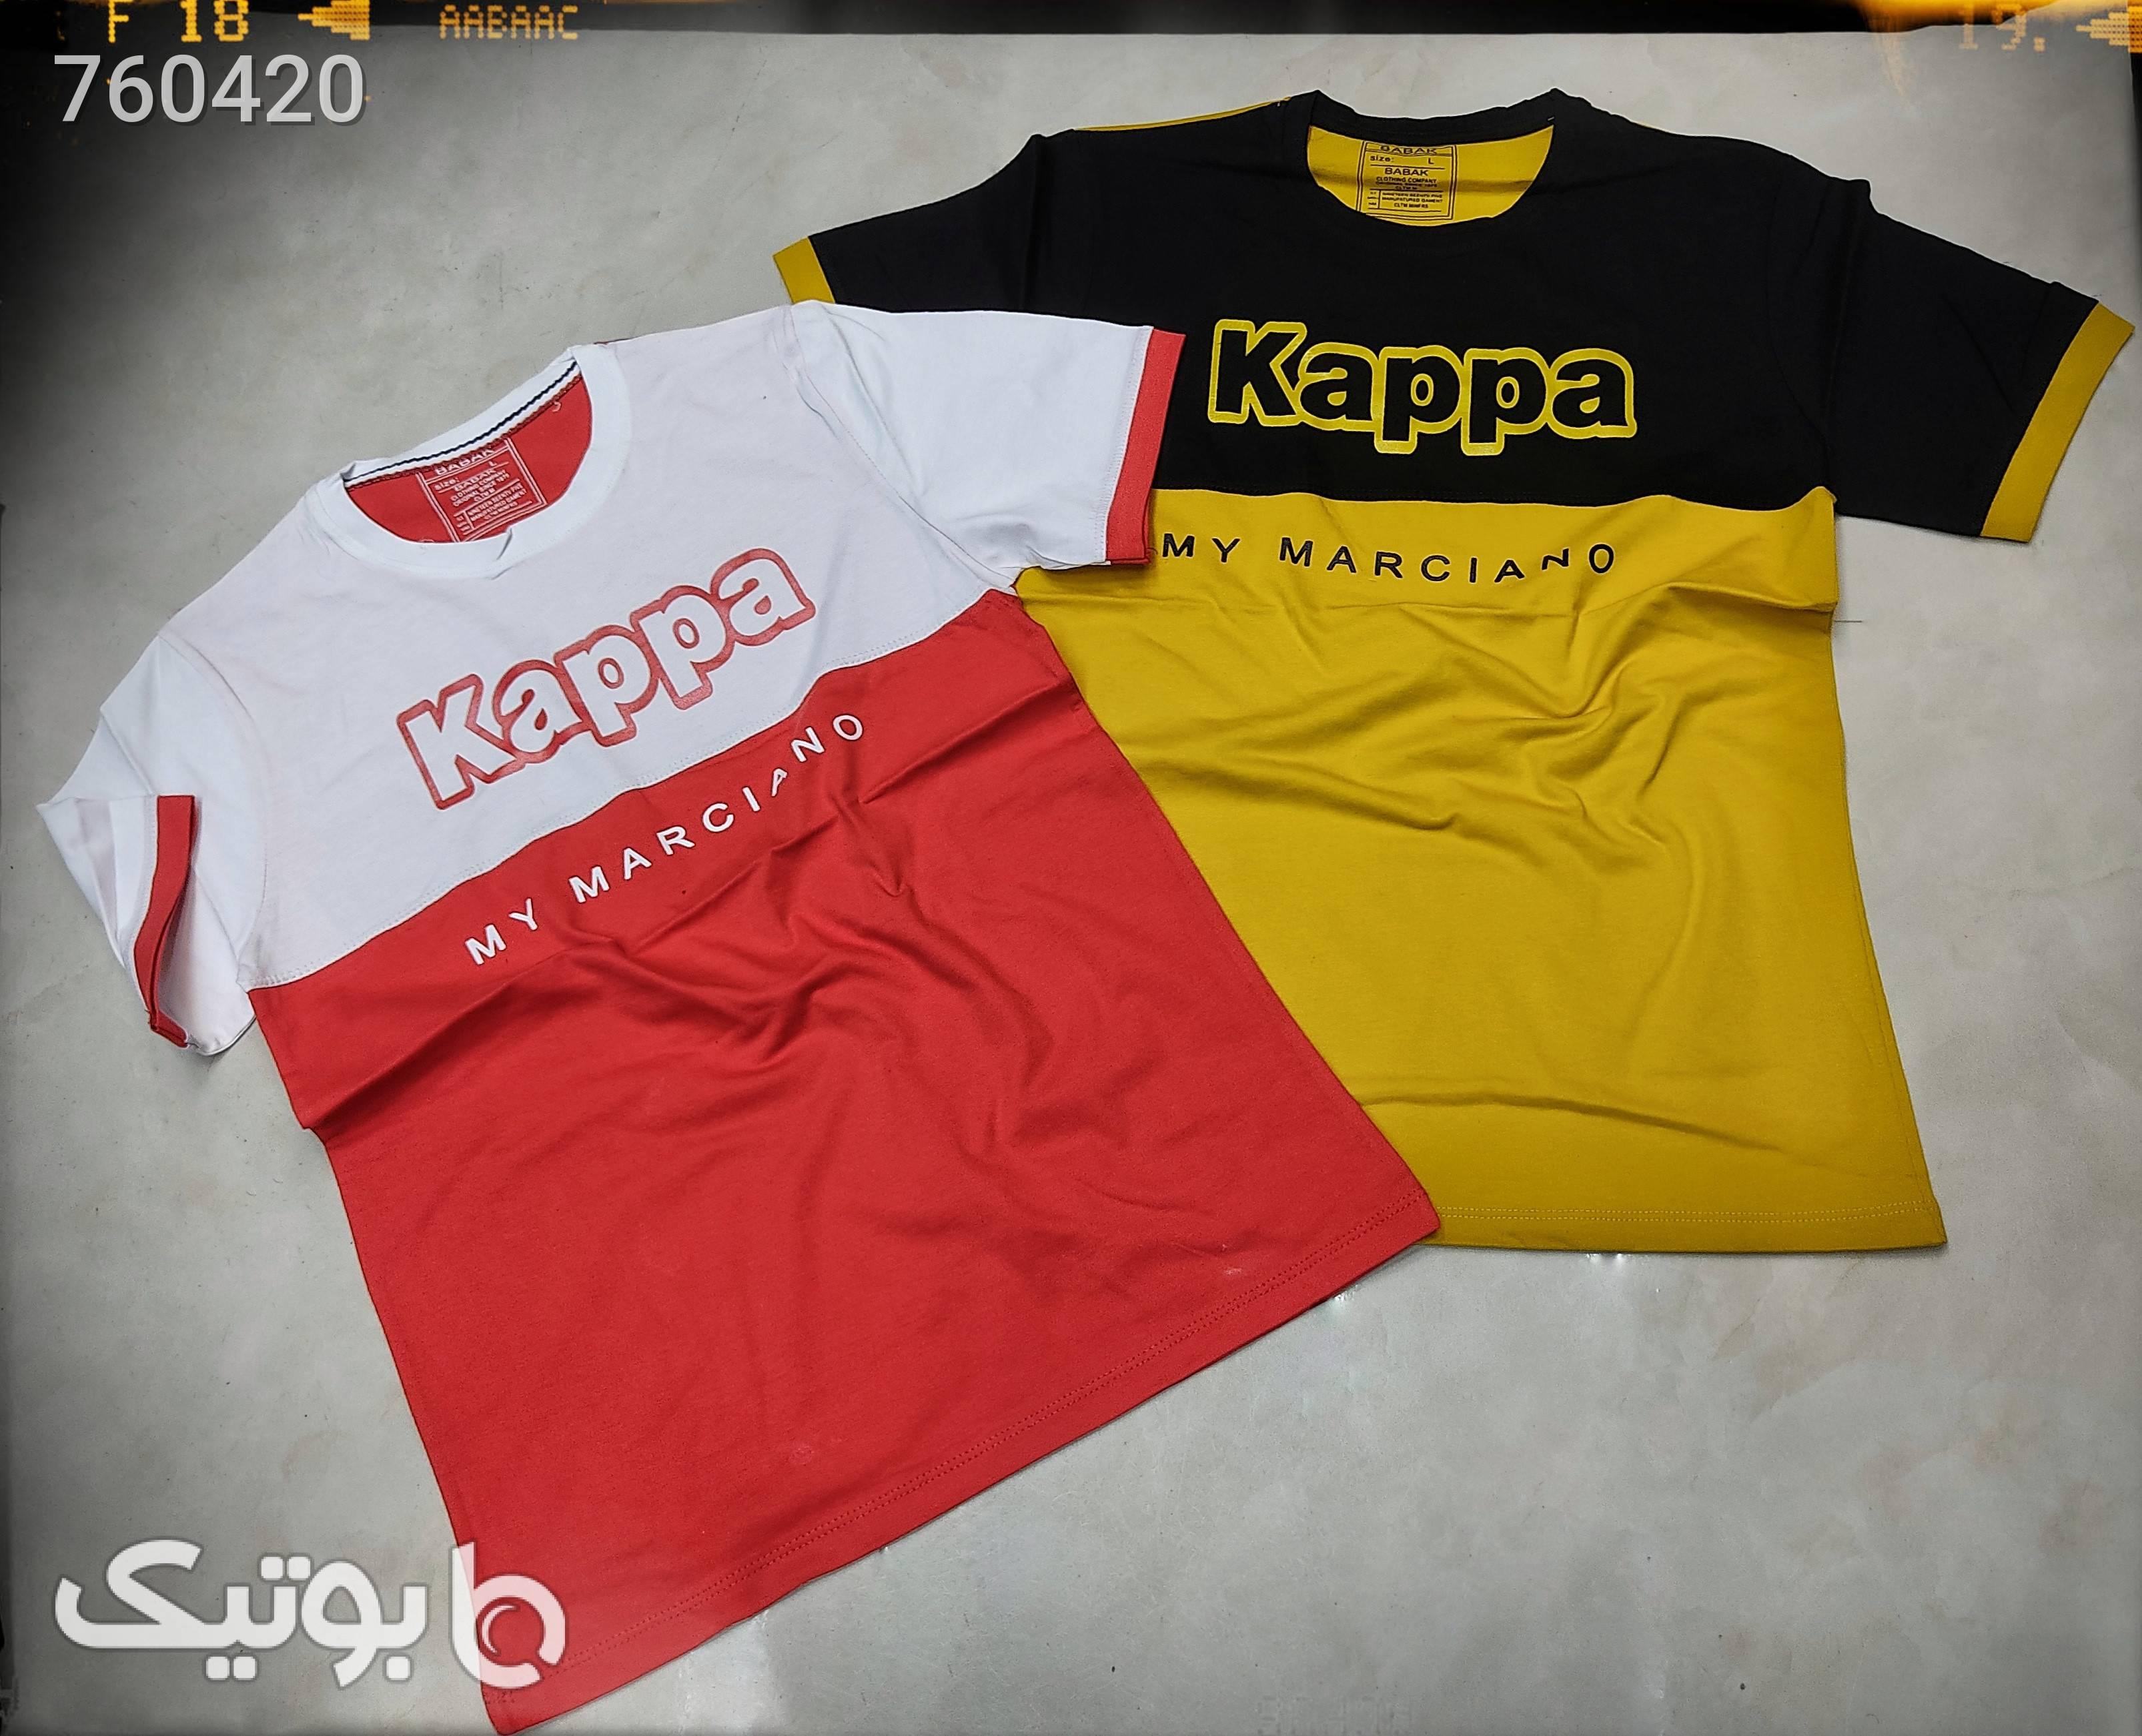 تیشرت کاپا  قرمز تی شرت و پولو شرت مردانه